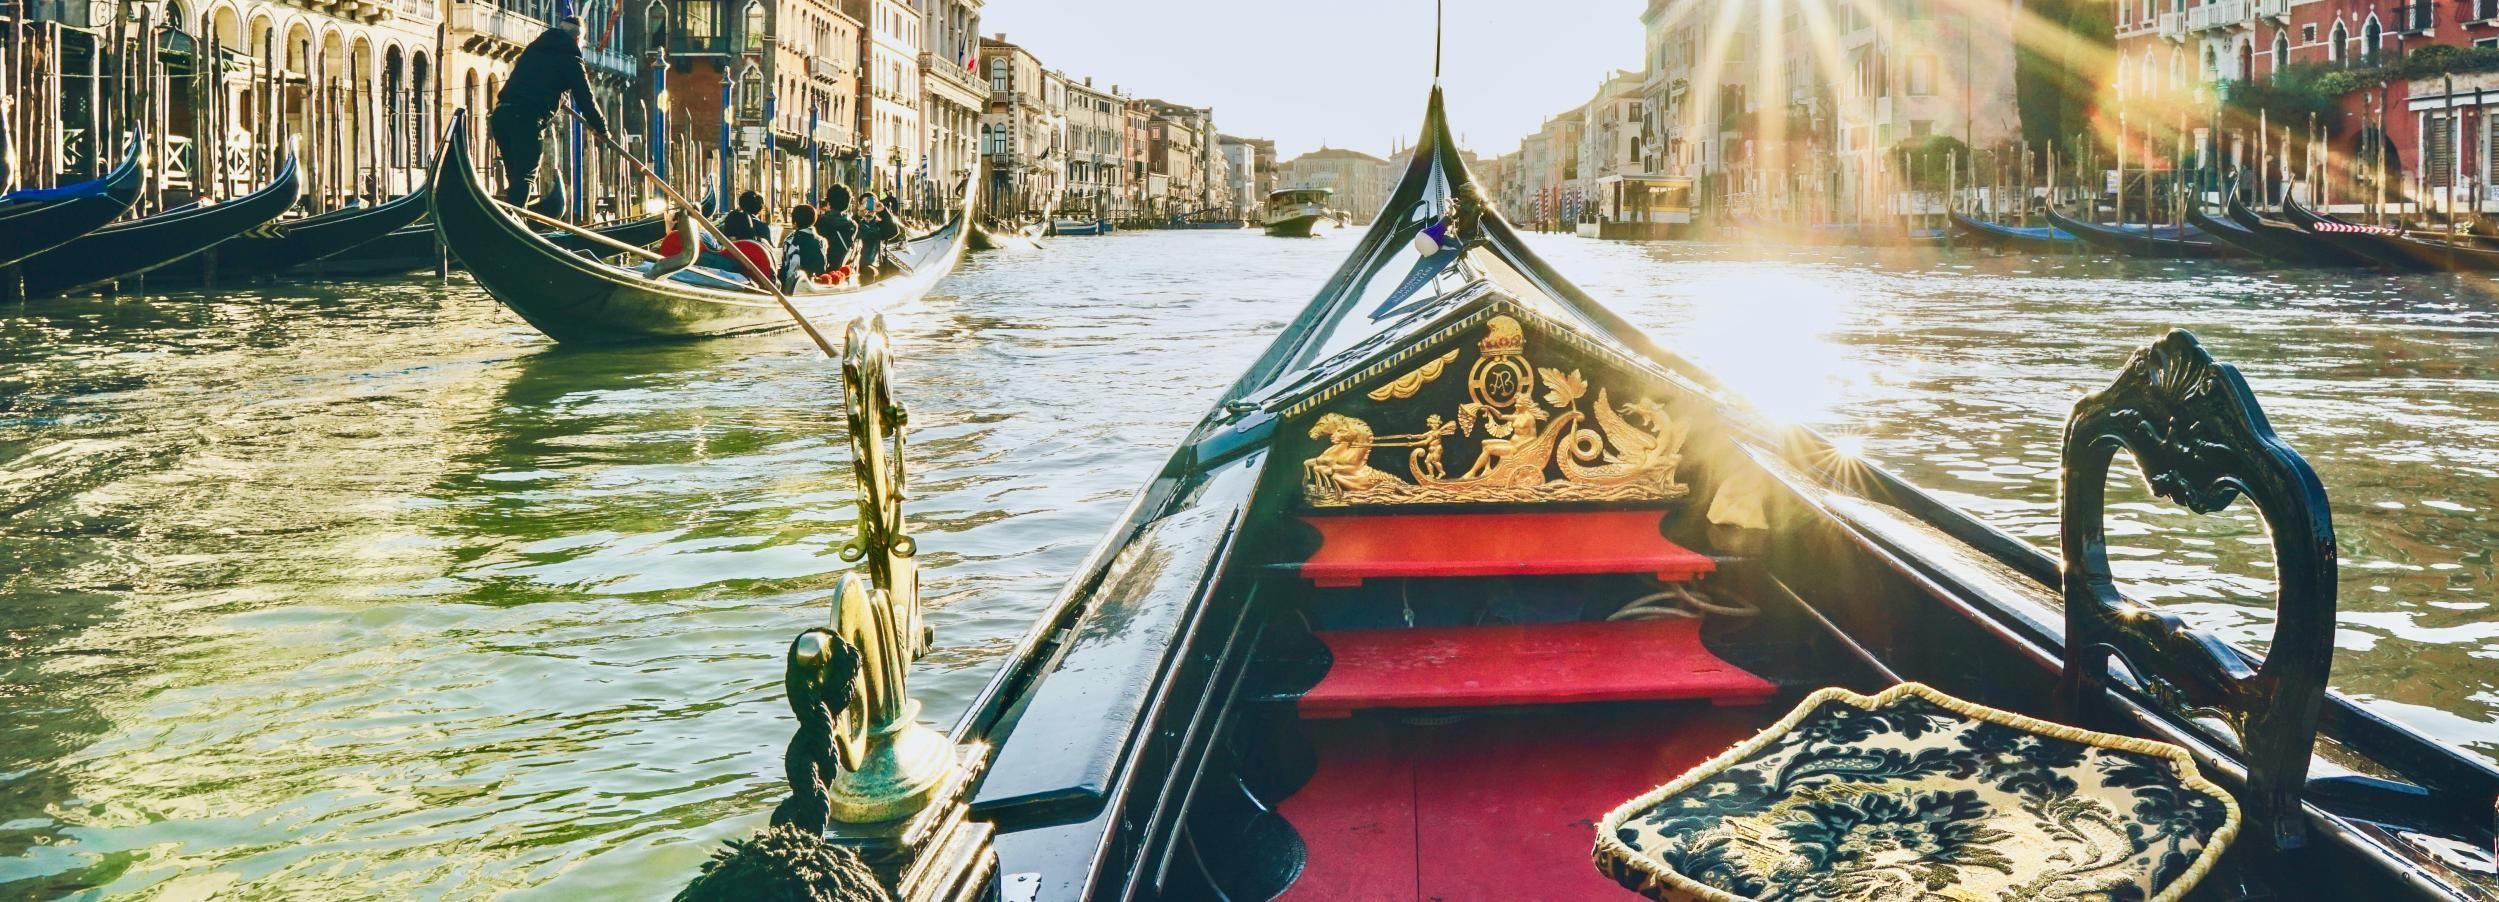 Венеция: общая гондола Проезжает через город Лагун